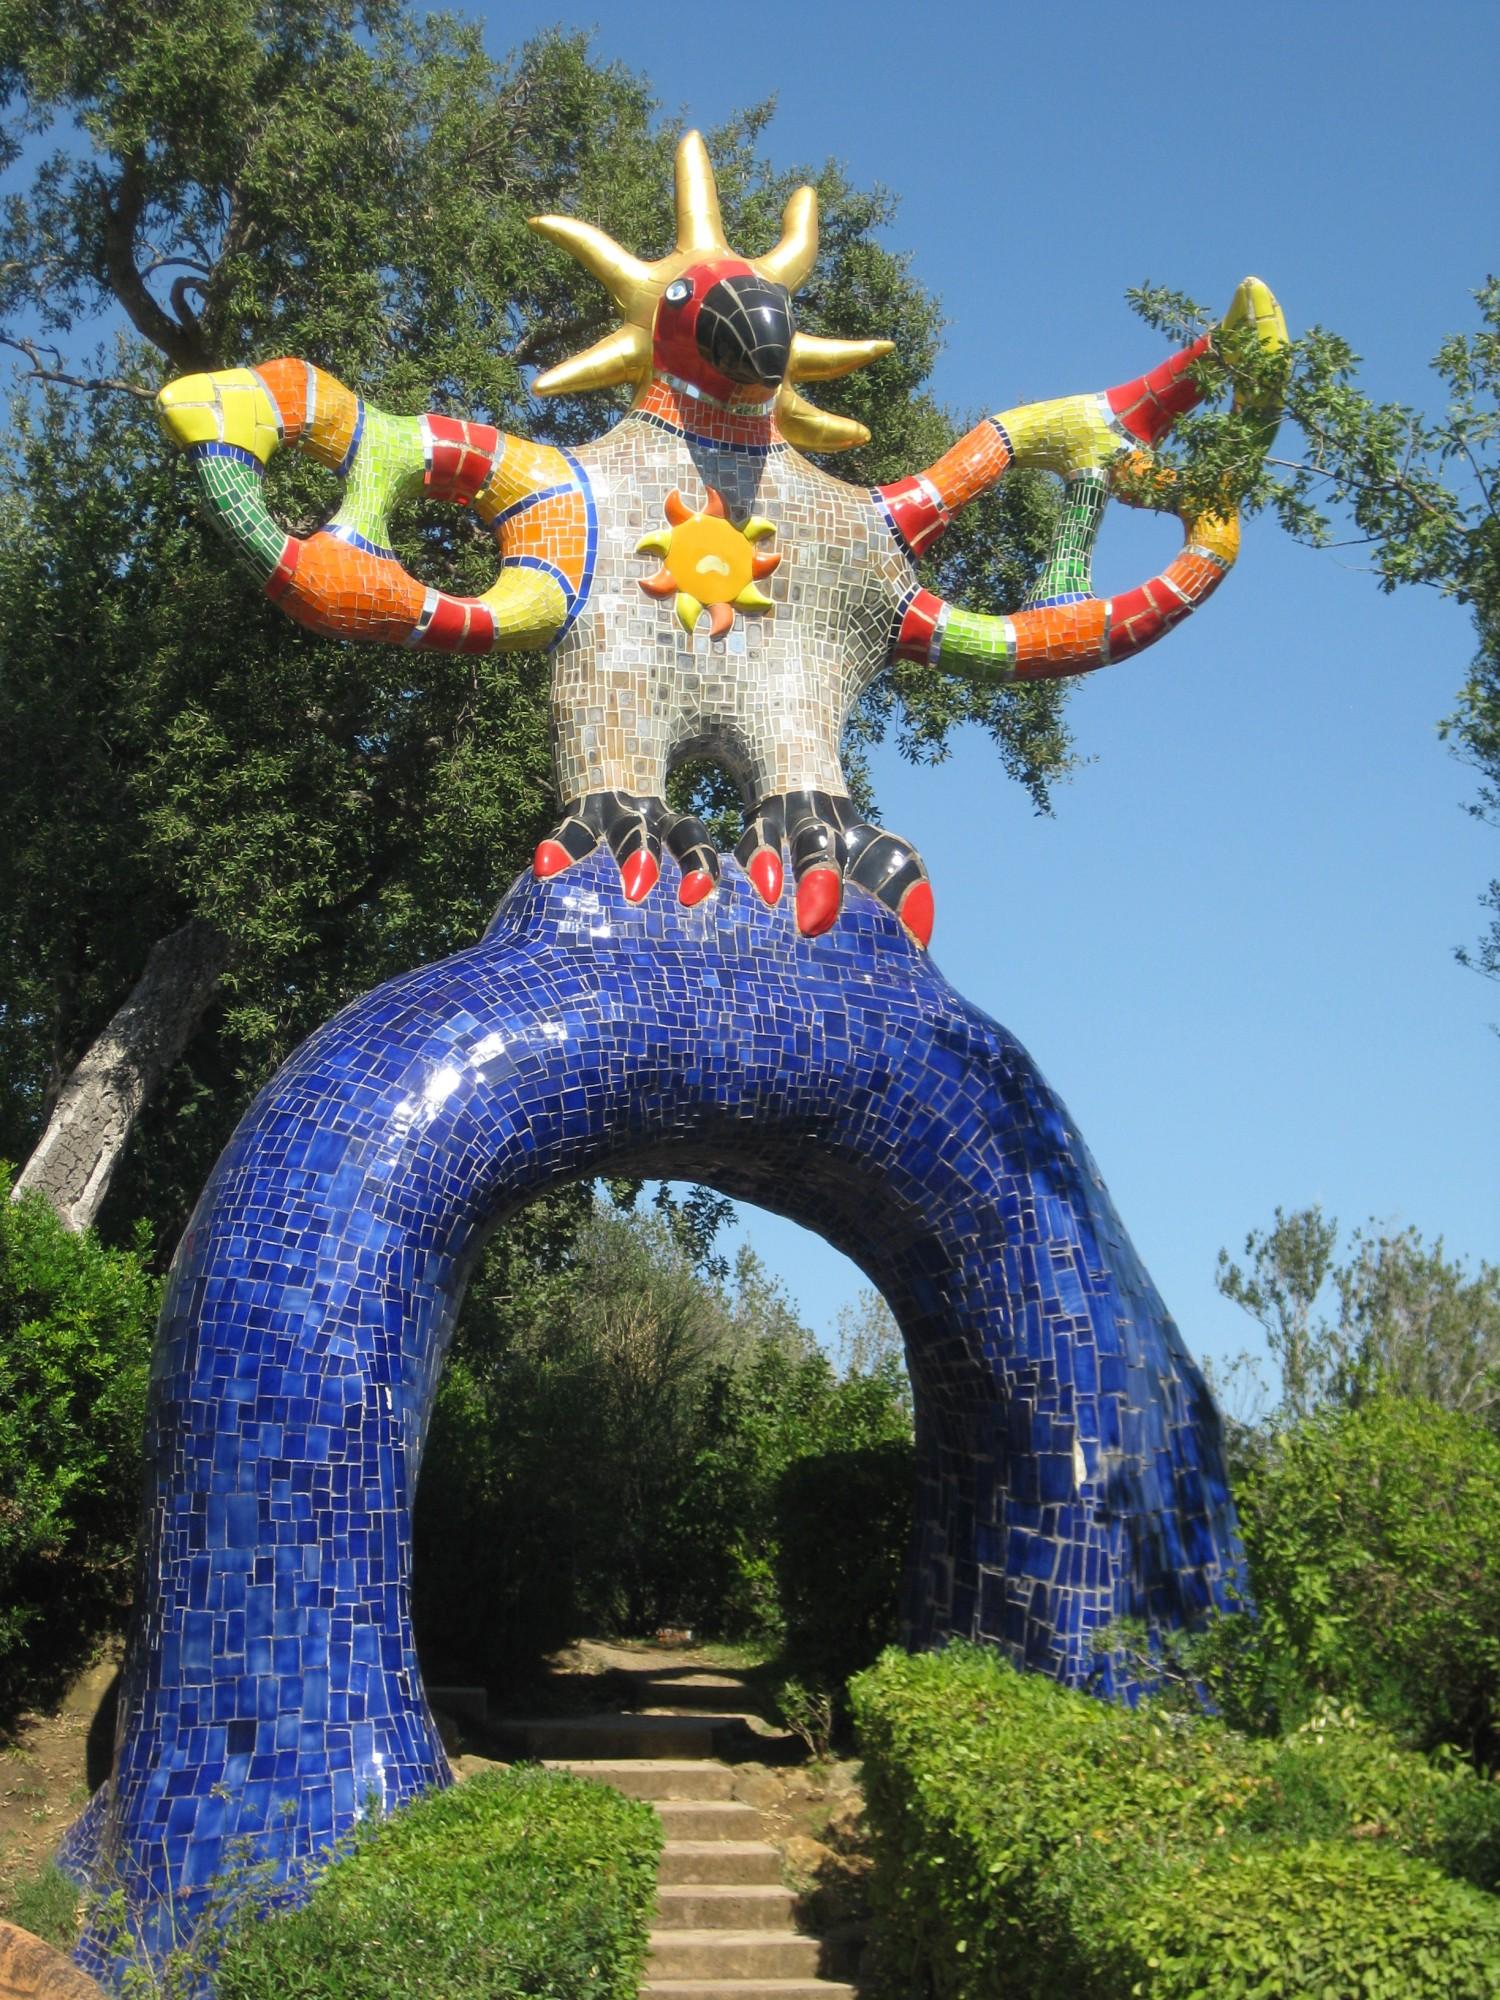 Niki de saint phalle tarot garden book garden ftempo - Jardin tarots niki de saint phalle ...